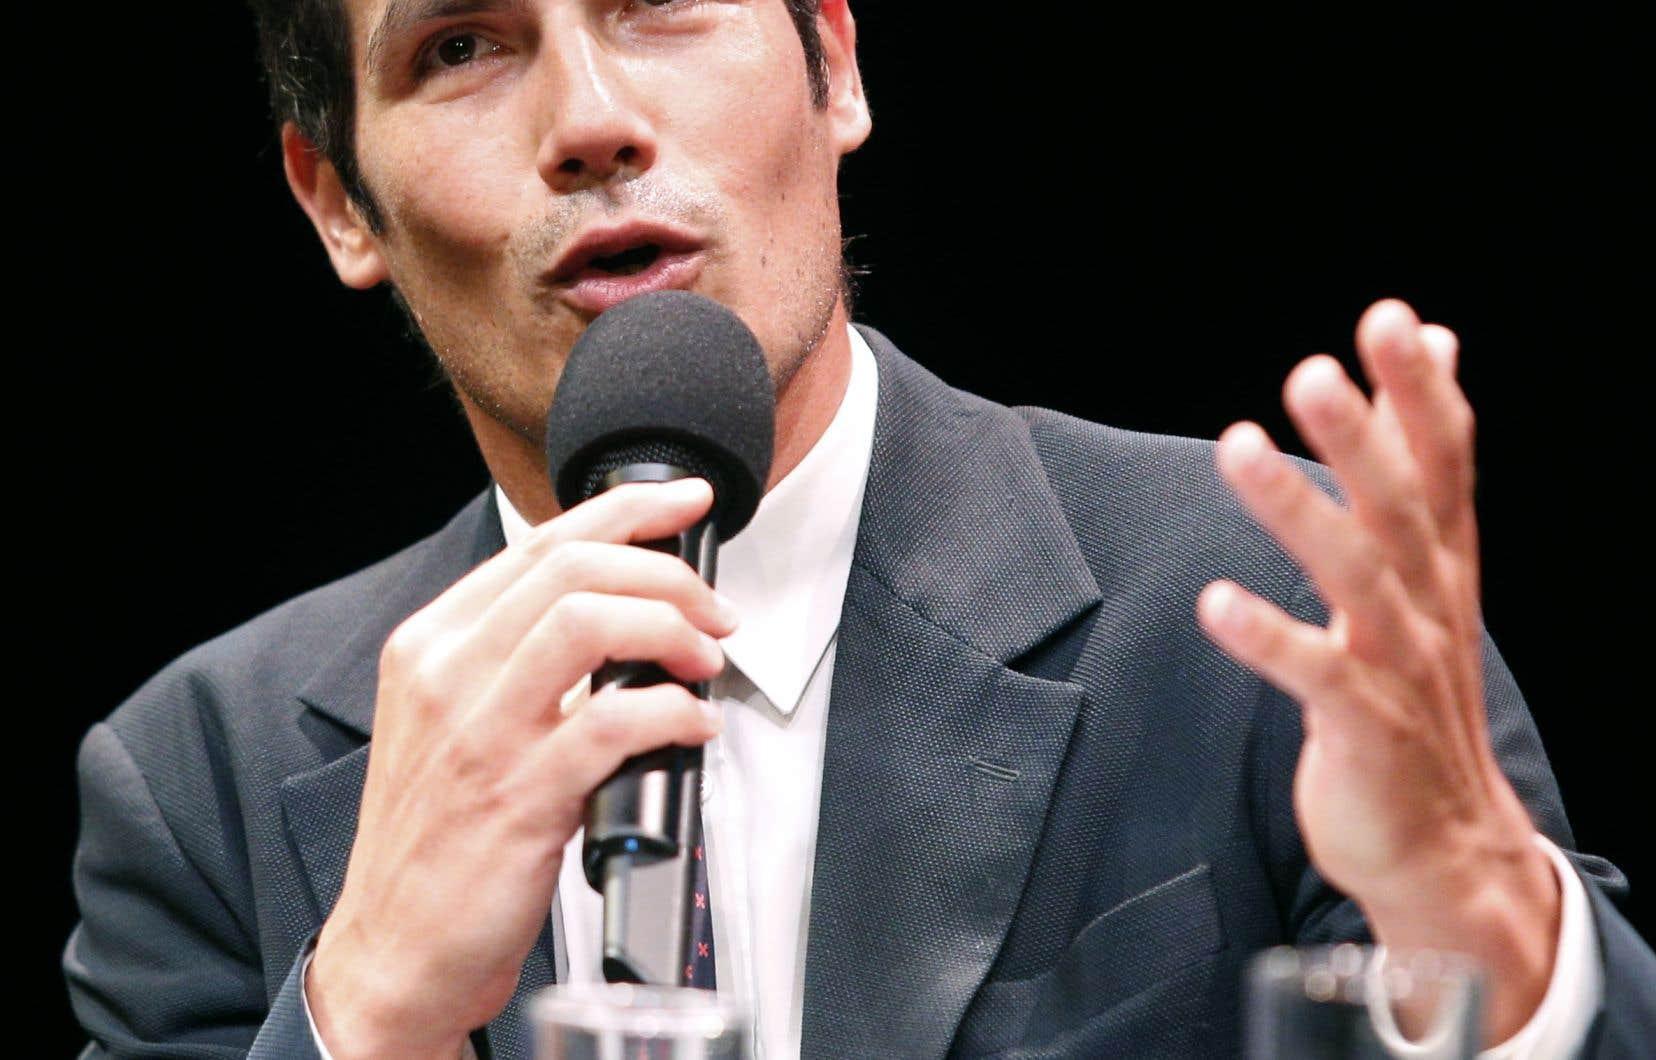 Mathieu Gallet, vient de mettre sur les rails Majelan, une plateforme de balados.